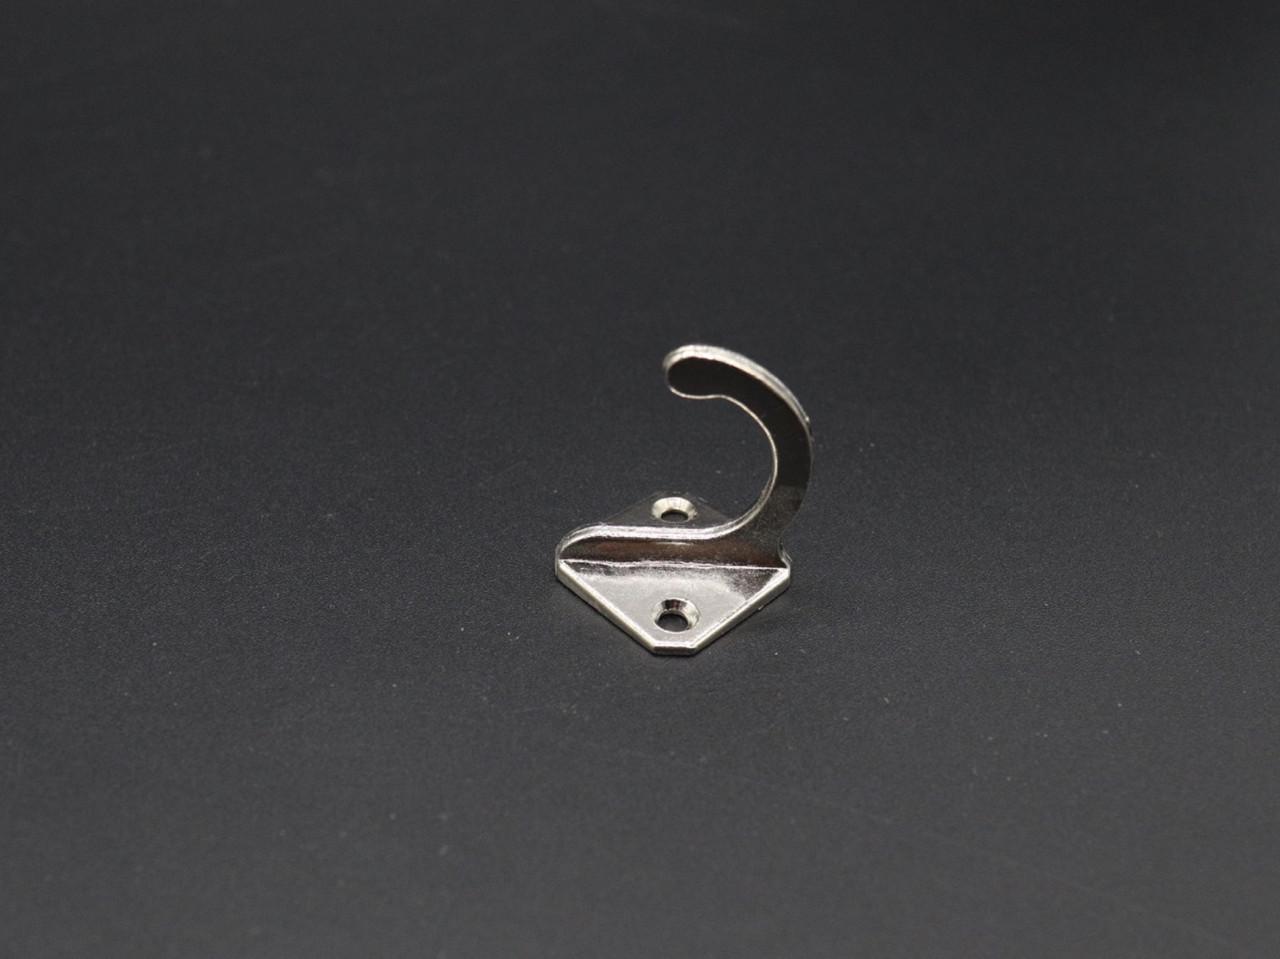 Крючок для ключей. Цвет серебро. Качество. 22х35мм